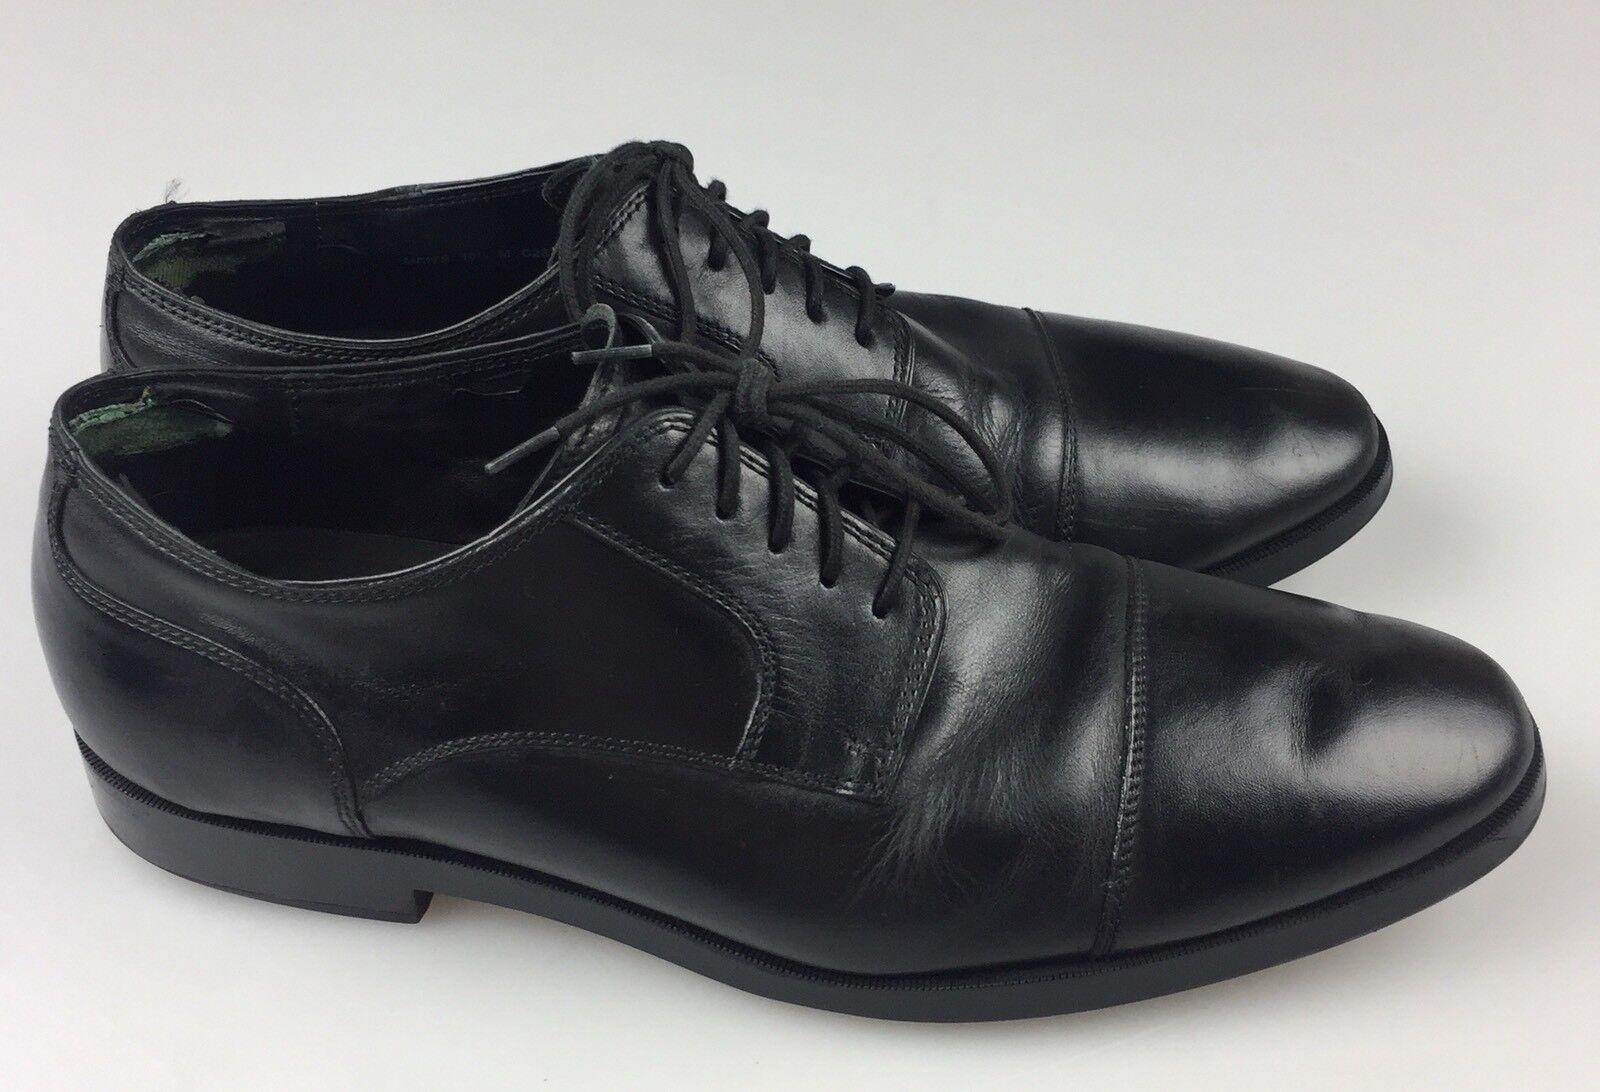 prezzo basso Cole Haan Jay Grand OS Cap Toe Oxfords nero nero nero Uomo sz 10.5 M Lace Up Dress scarpe  prima i clienti